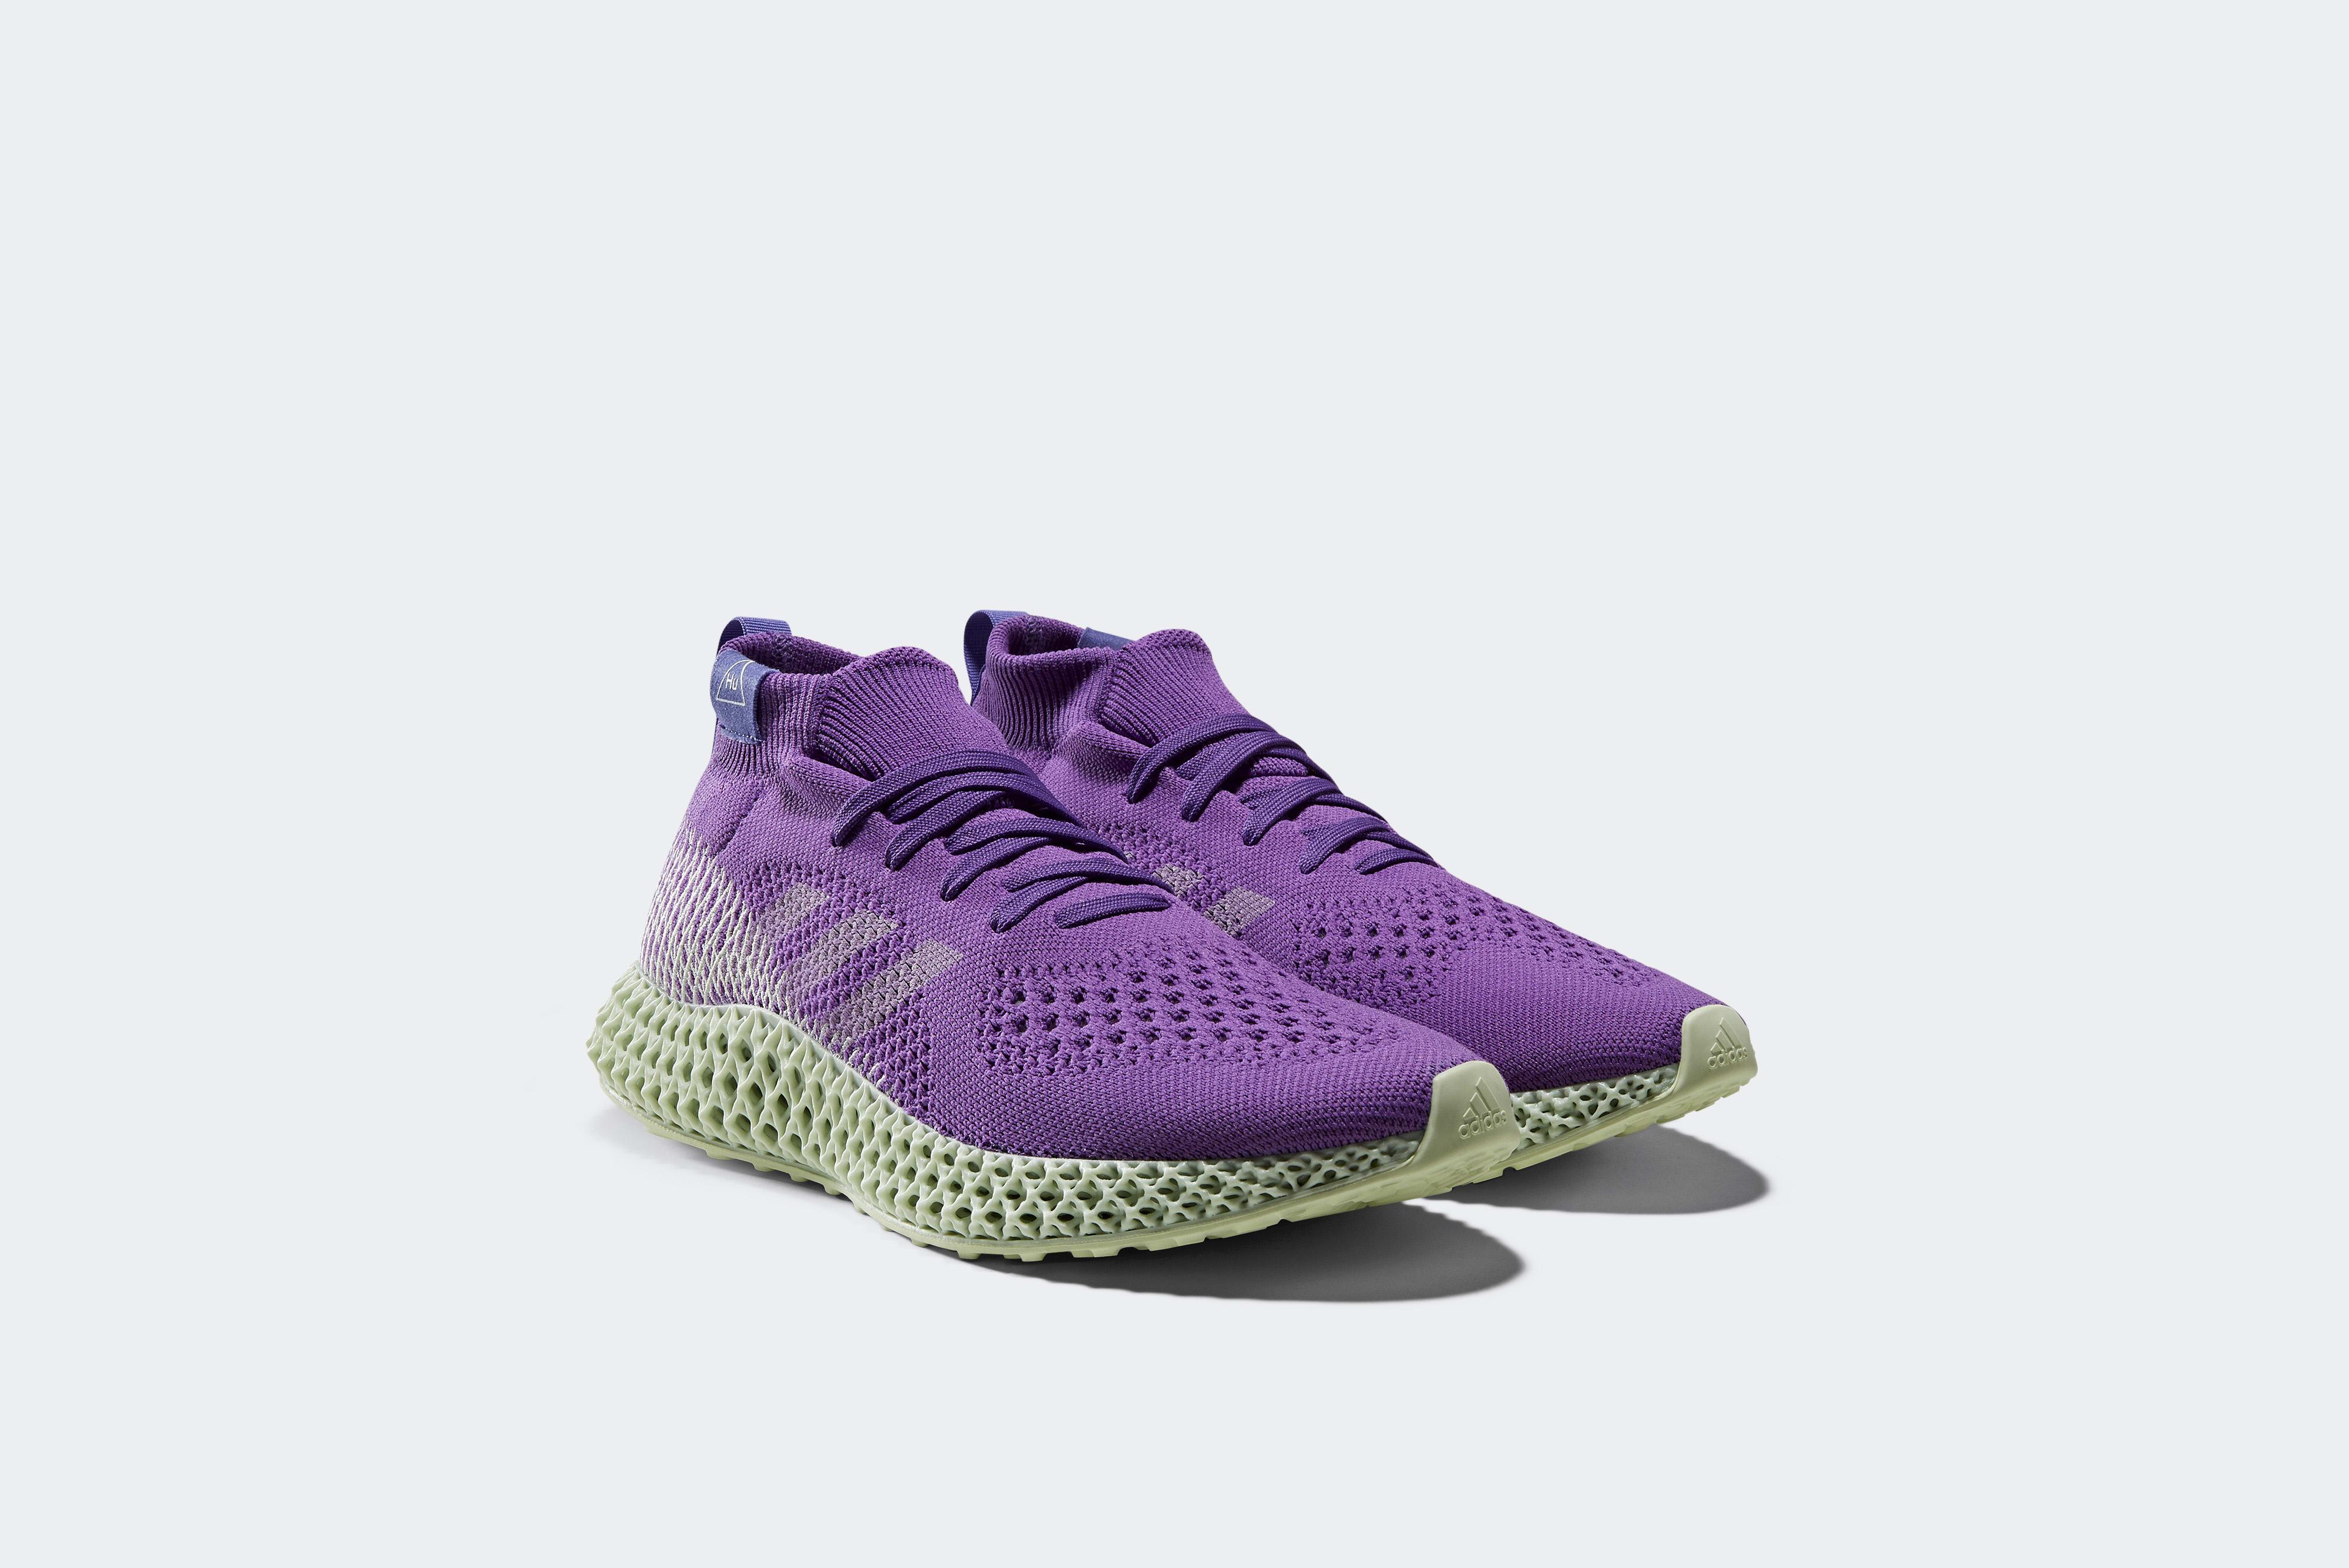 adidas x Pharrell Williams 4D Runner - FV6335